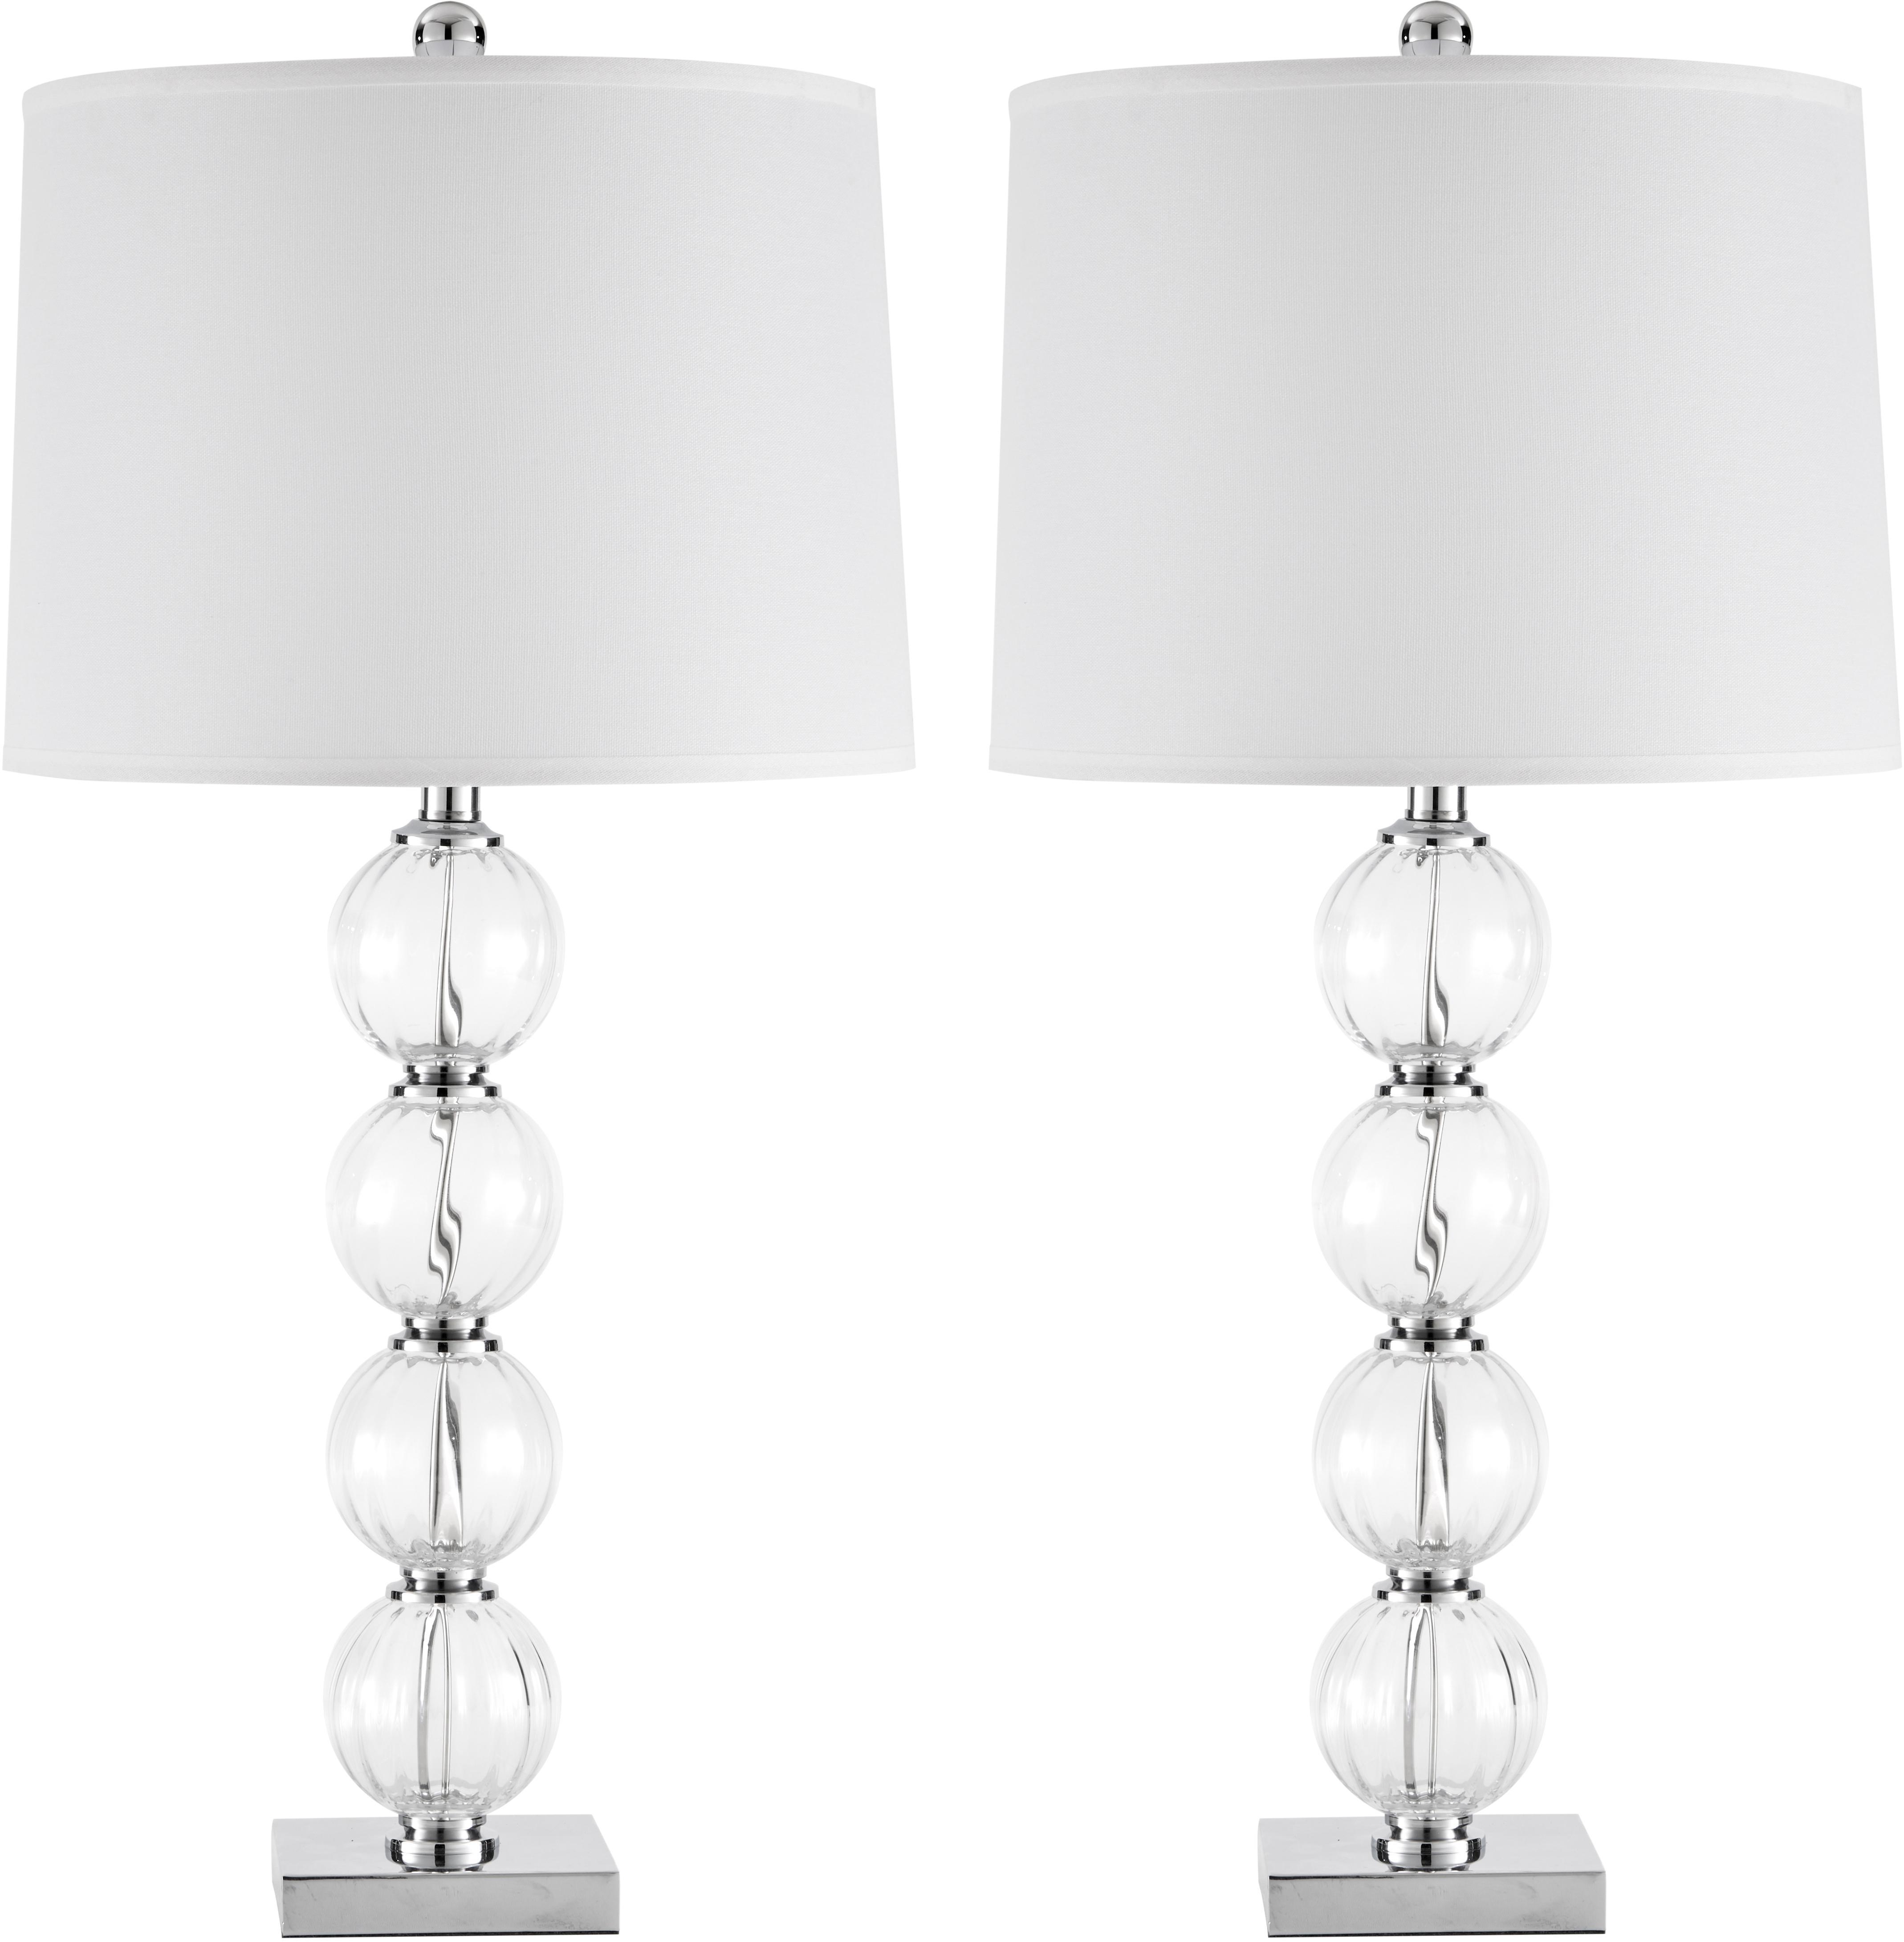 Duże lampy stołowe Luisa, 2 sztuki, Klosz: biały Podstawa lampy: transparentny, Ø 38 x W 76 cm